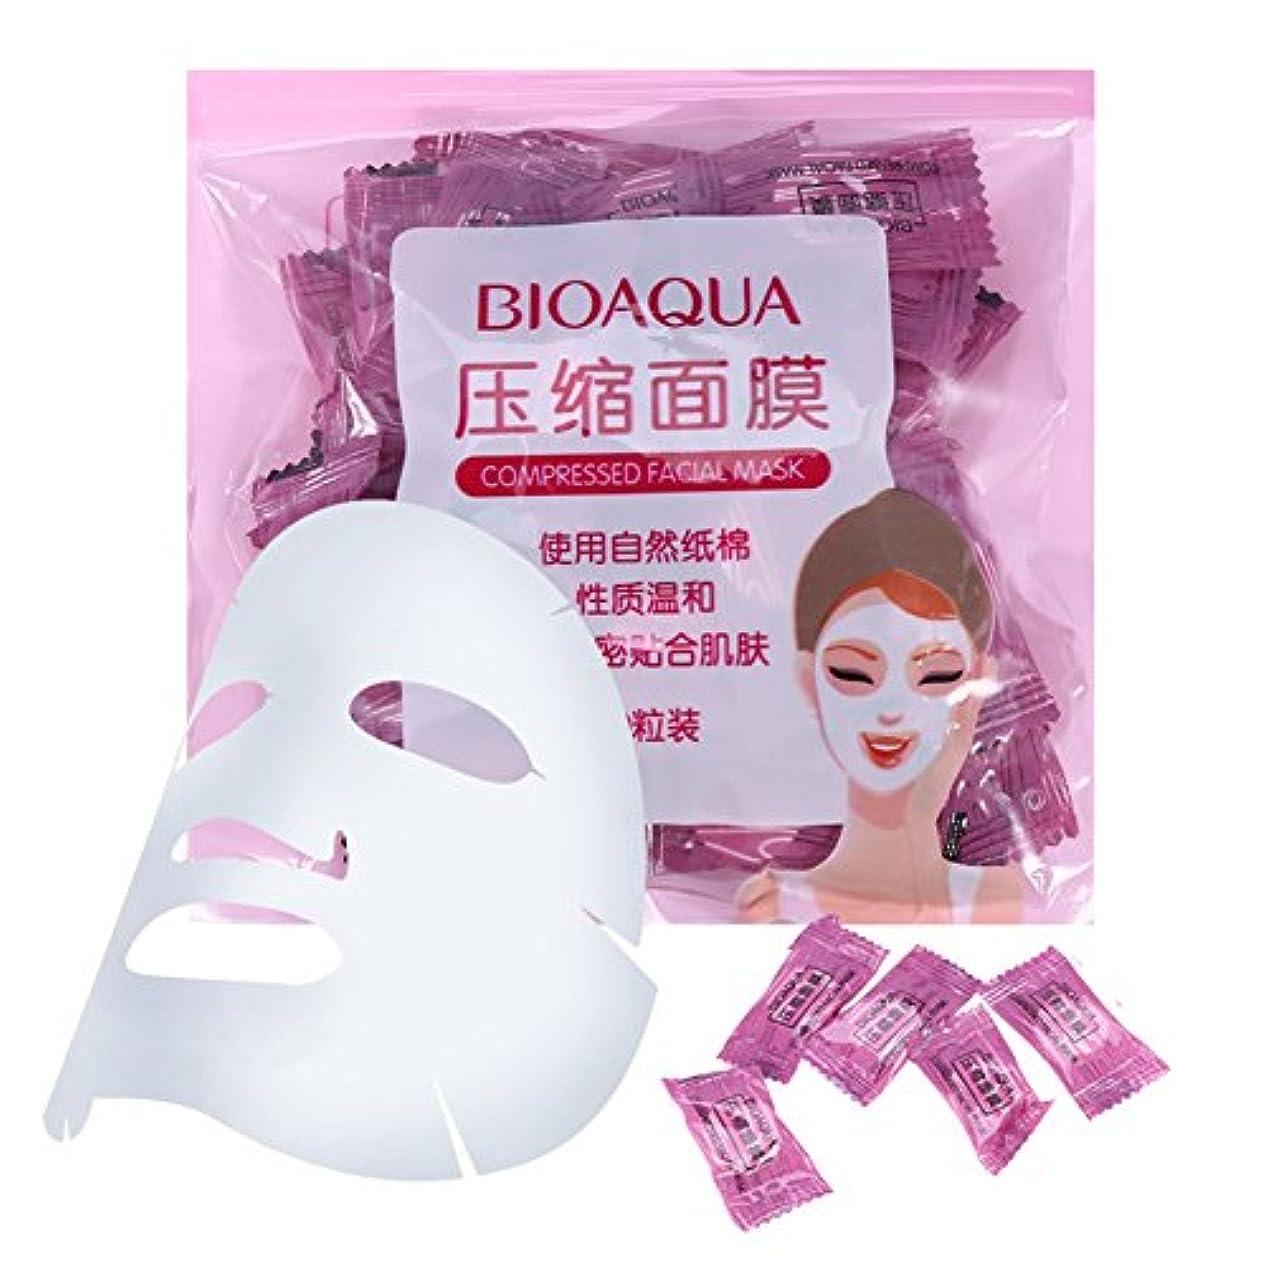 眩惑する待つ関係スキンケア 50個/パックナチュラル 不織布 圧縮 フェイスマスク DIYフェイシャルマスク